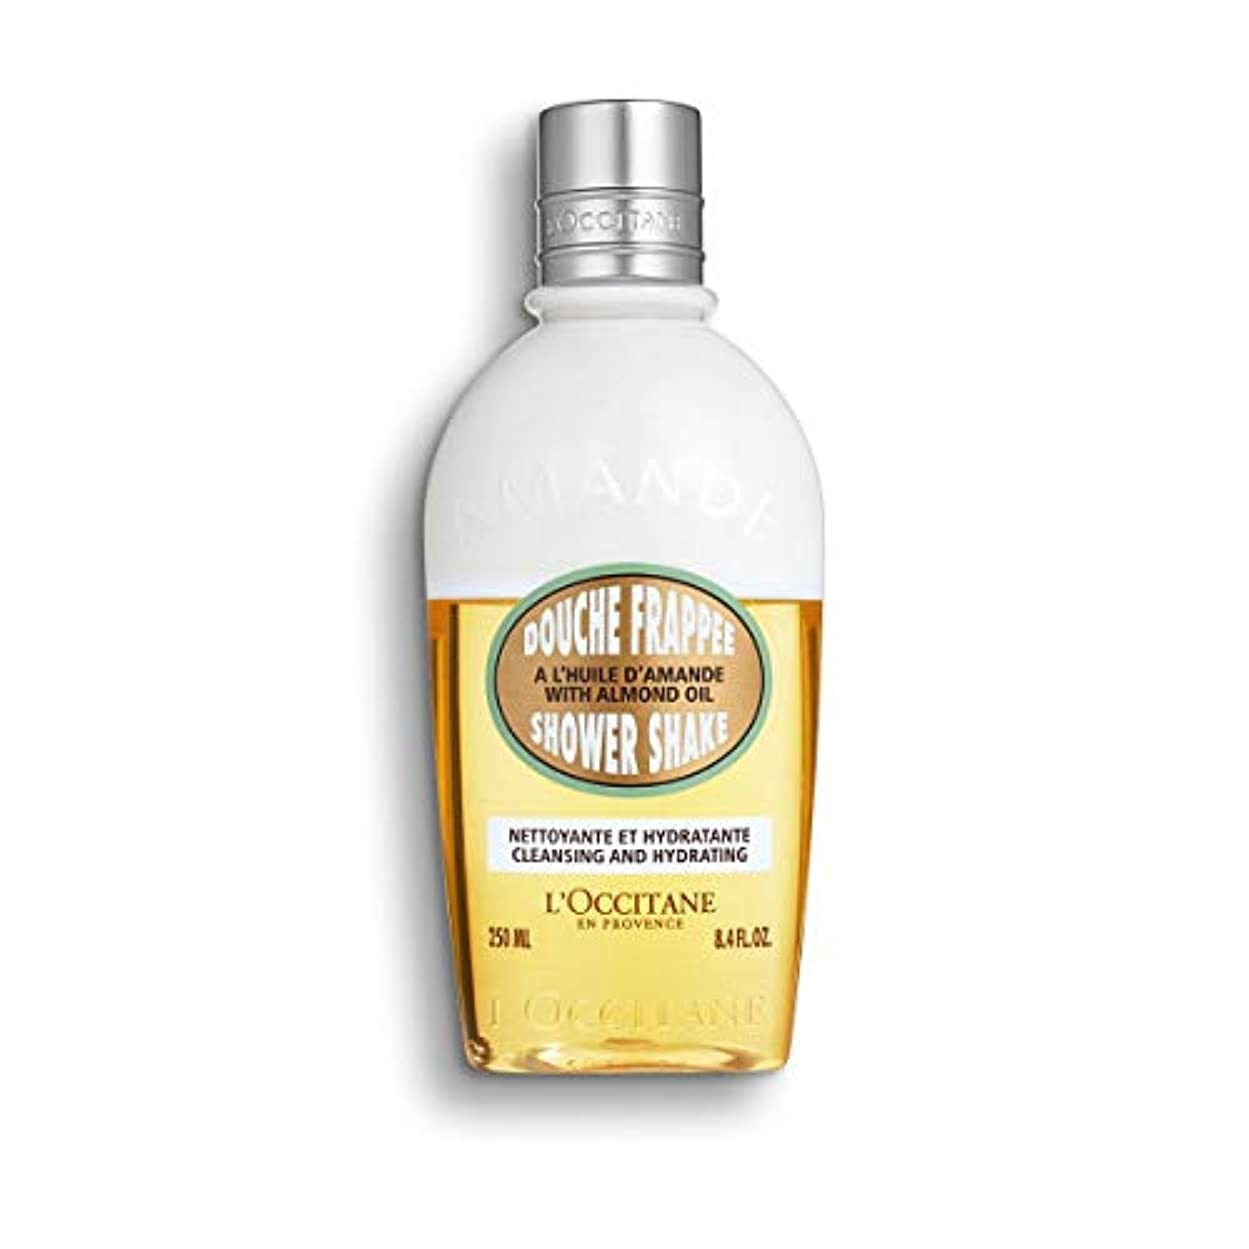 物理的な無能対処ロクシタン(L'OCCITANE) アーモンド ミルクシャワーシェイク 250ml(ボディ用洗浄料)